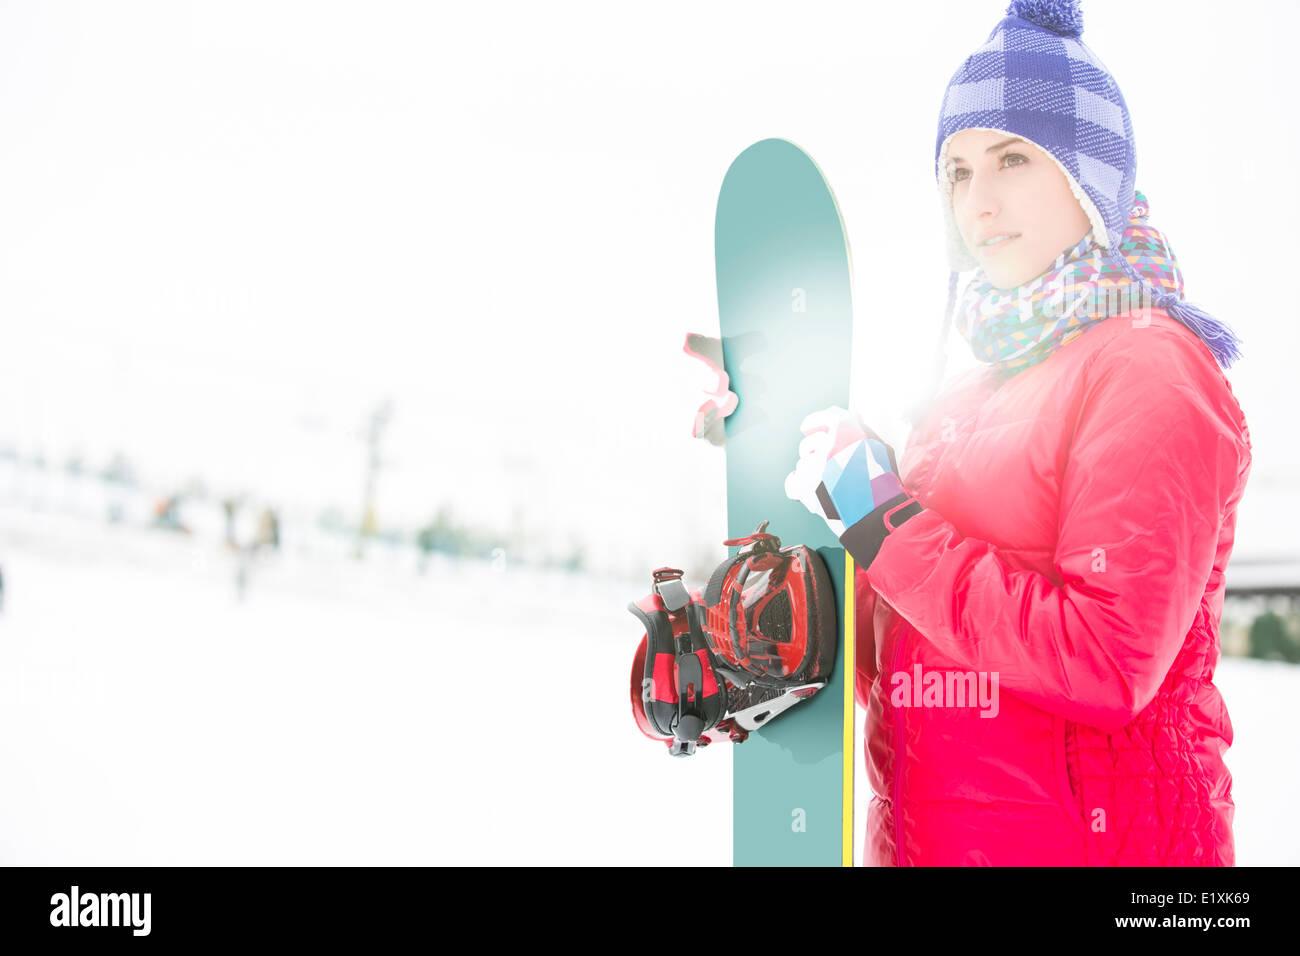 Belle jeune femme dans des vêtements chauds holding snowboard en hiver Photo Stock